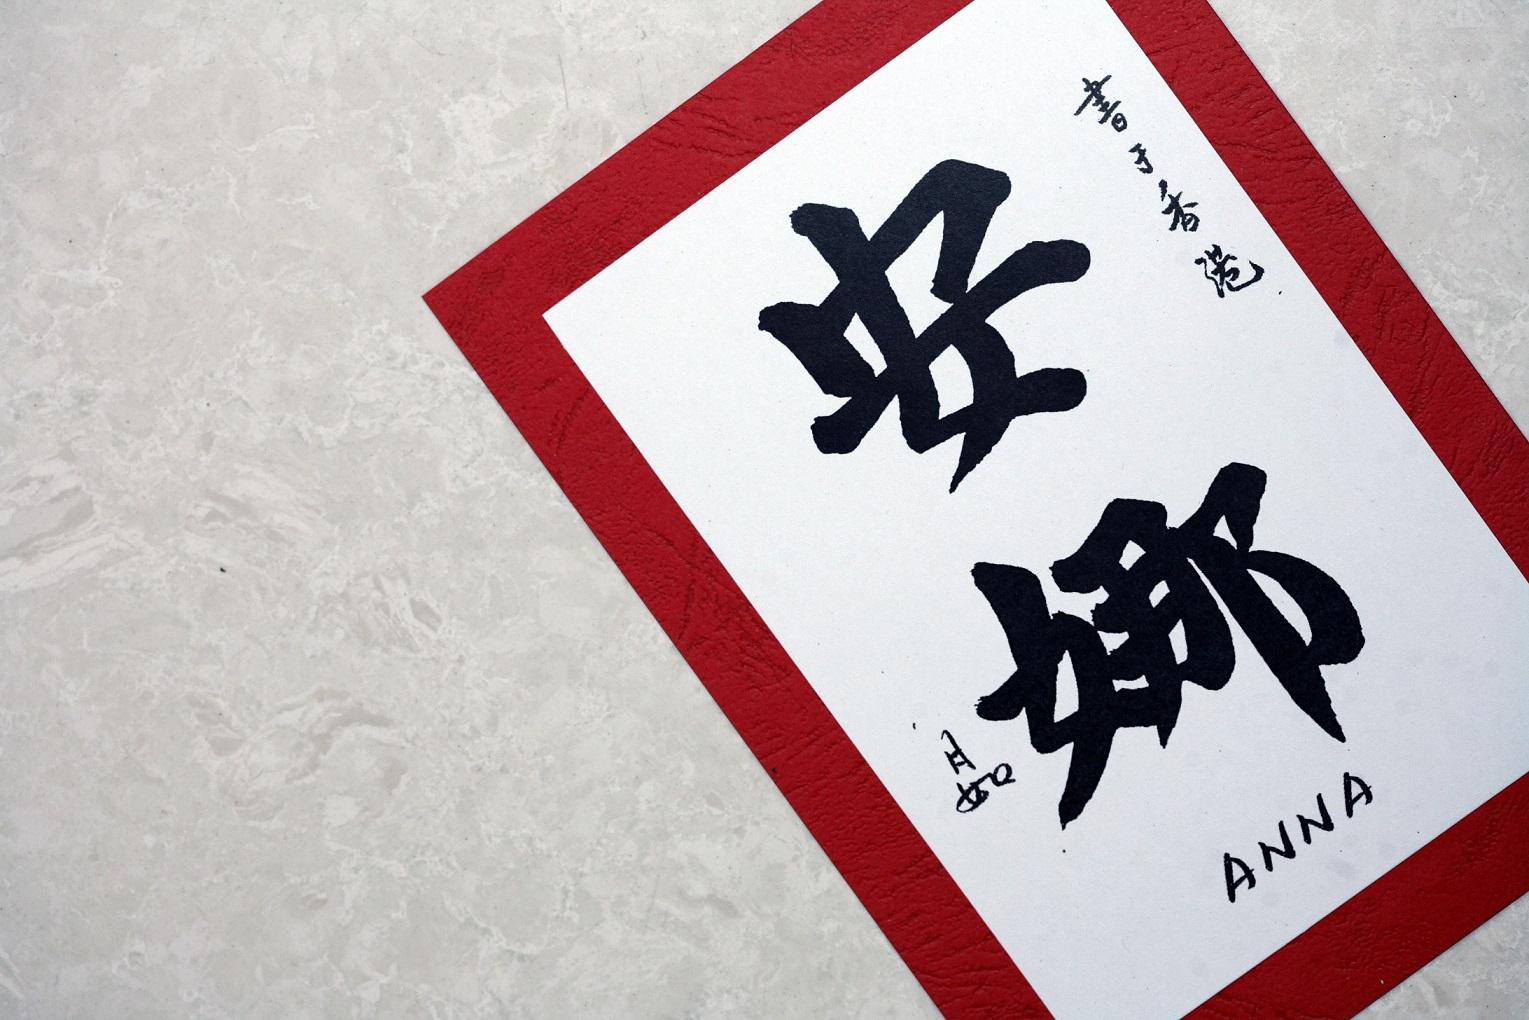 BG CARD.JPG